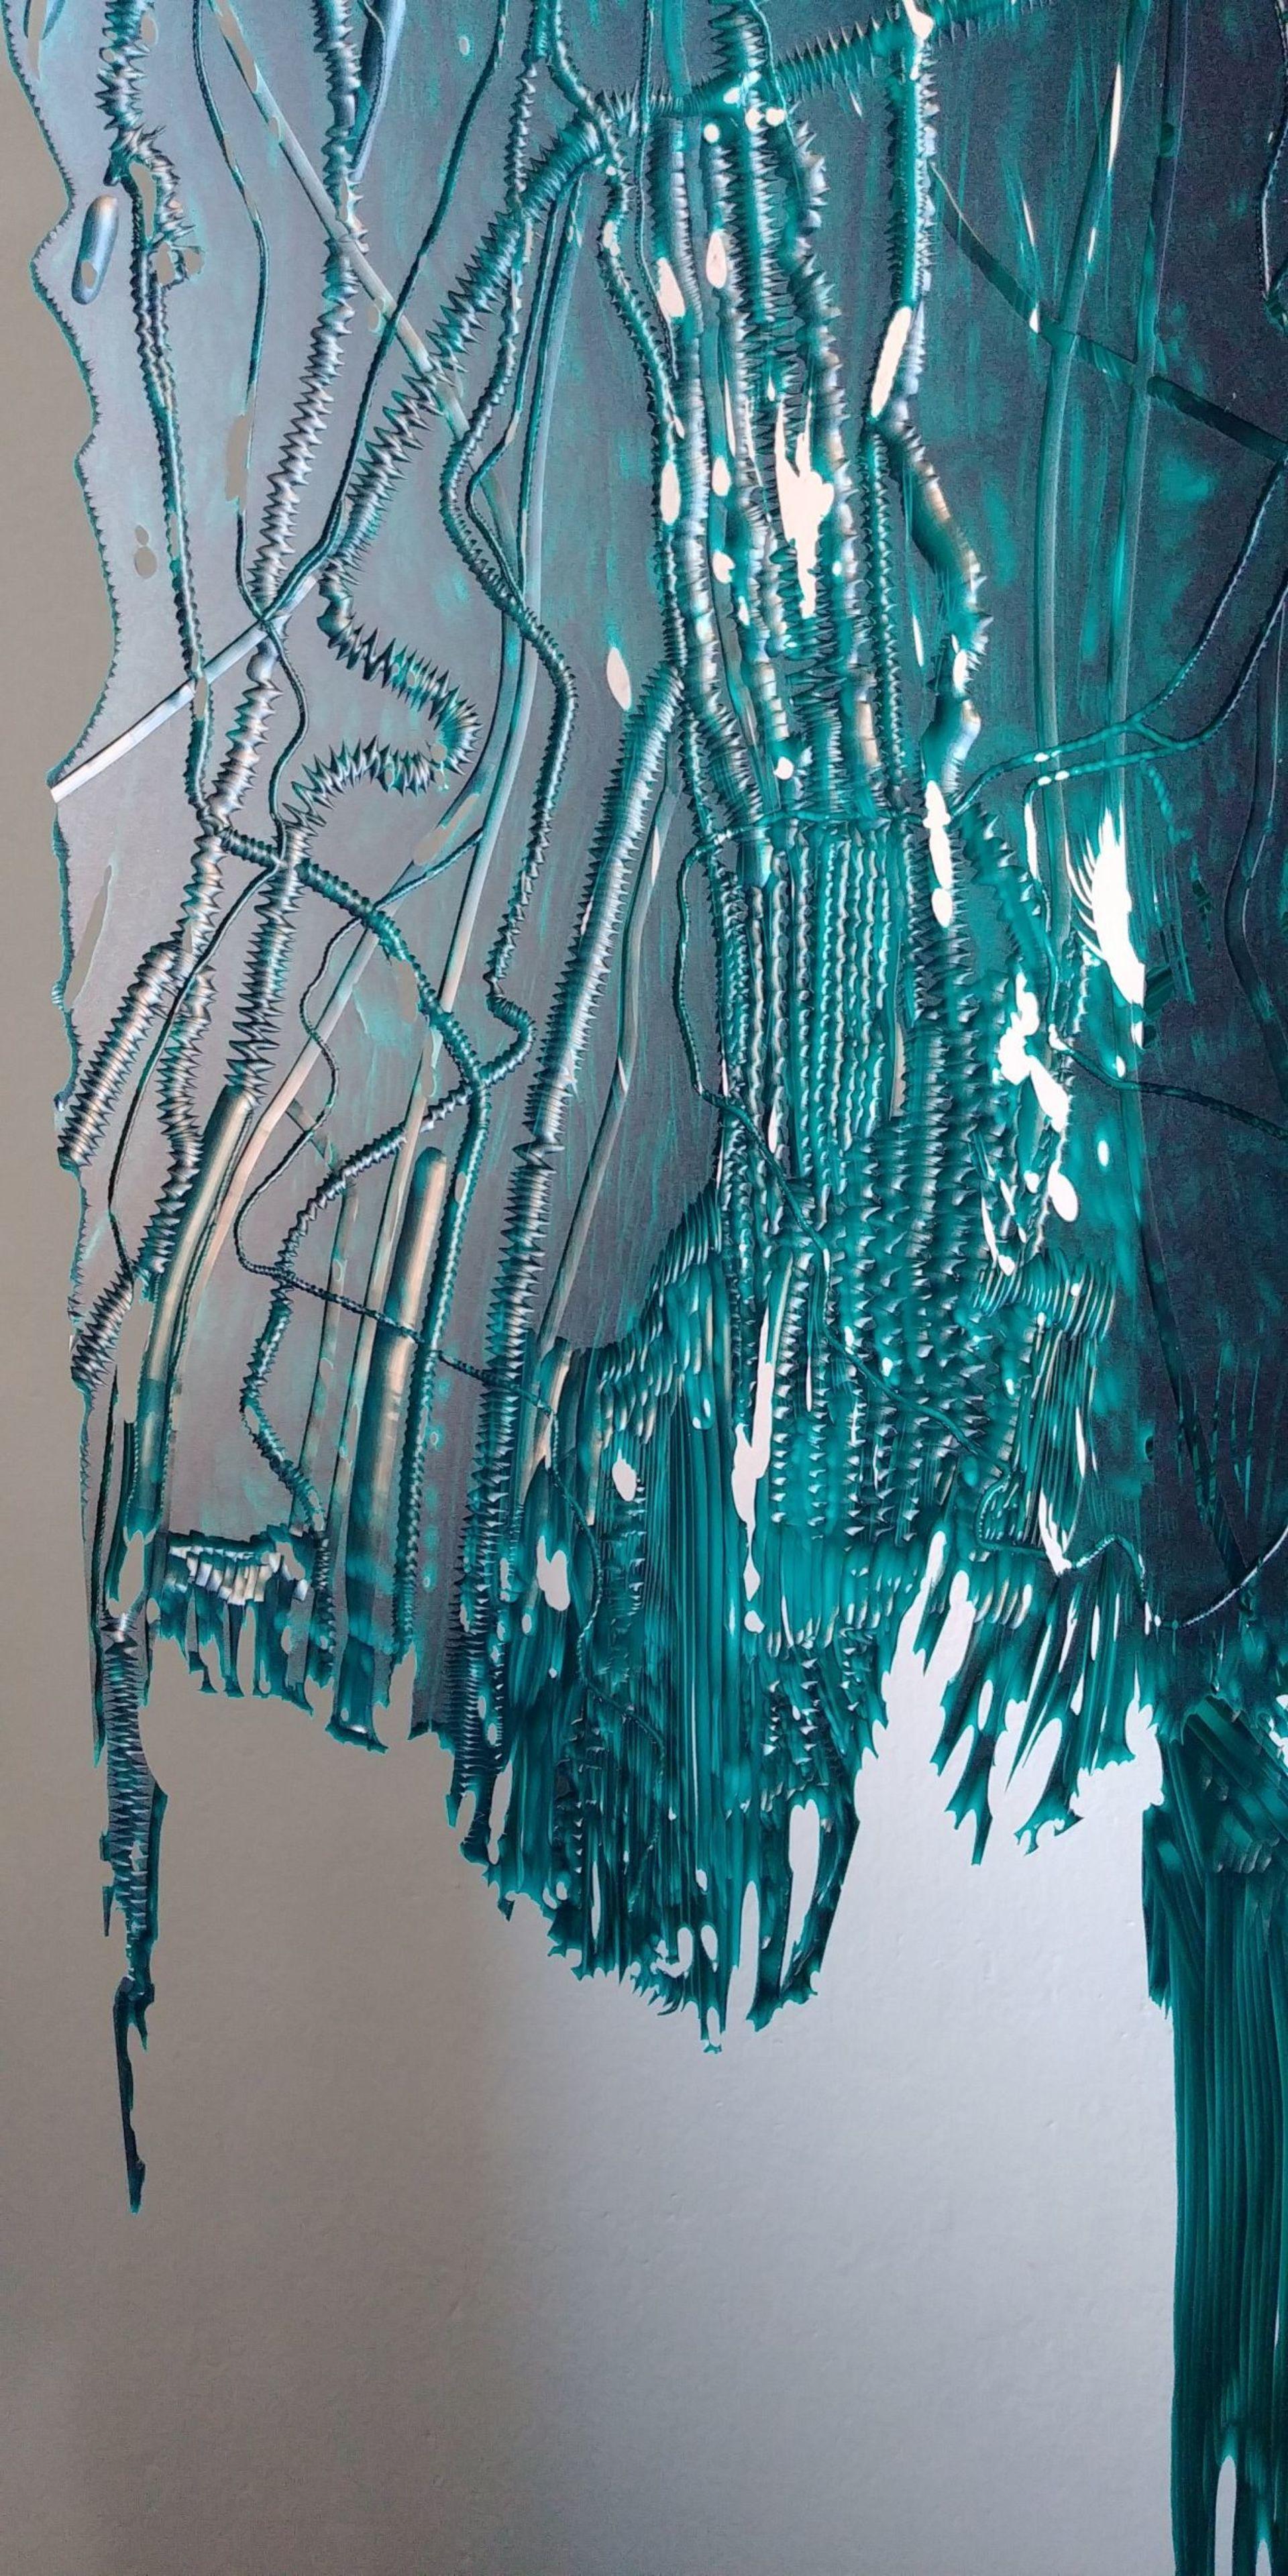 Připravovaný objekt pro Altán Klamovka, 2020, Detail 01, PVC pásy + rytina.jpg